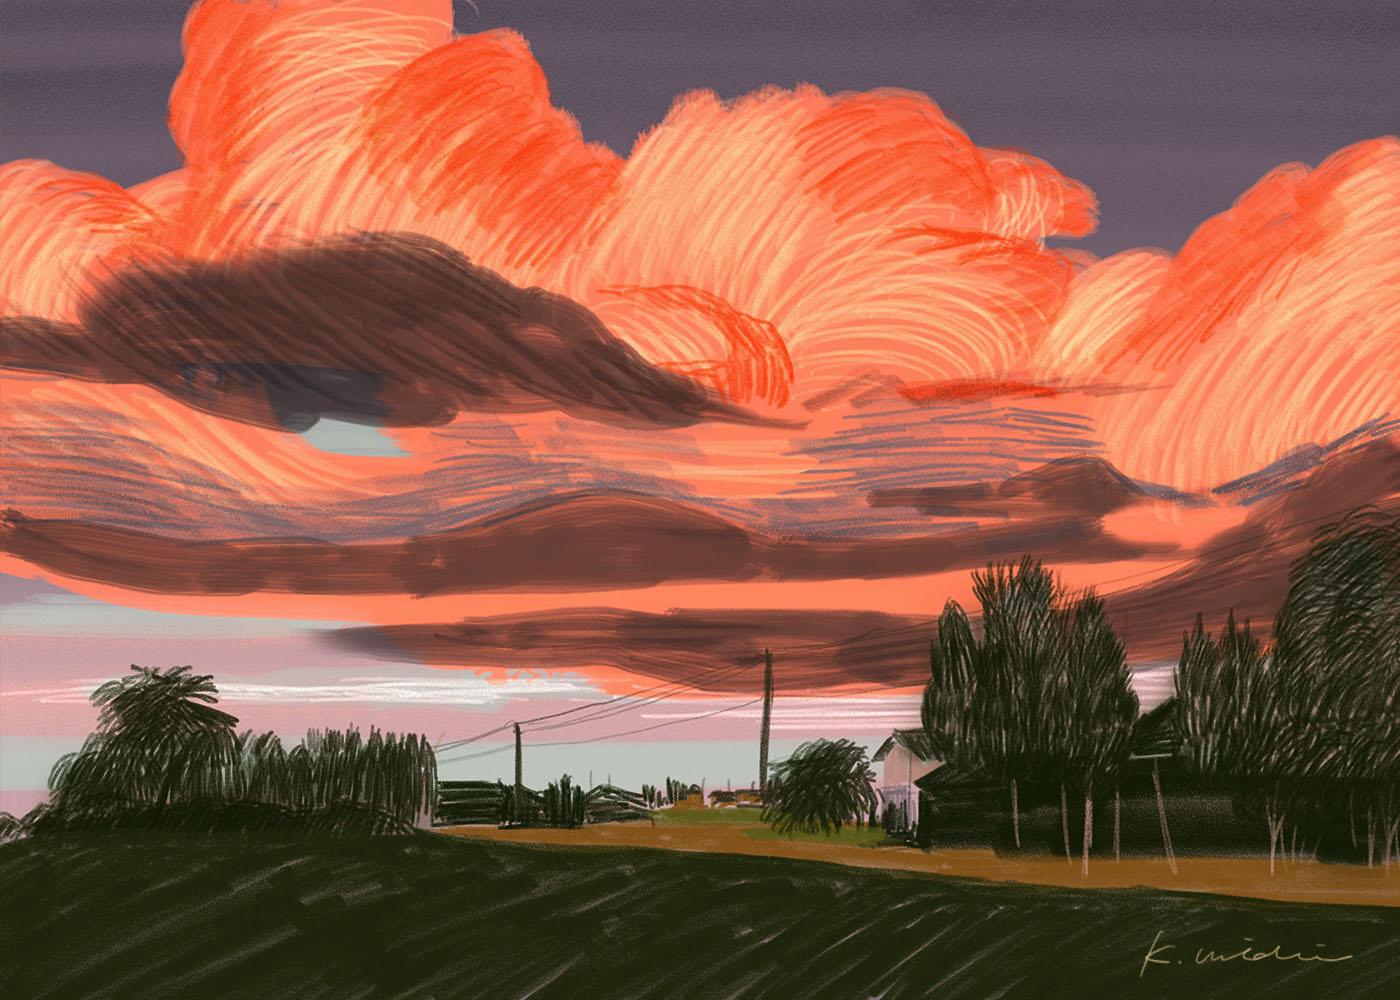 イラストレーション 風景 雲 ノスタルジック